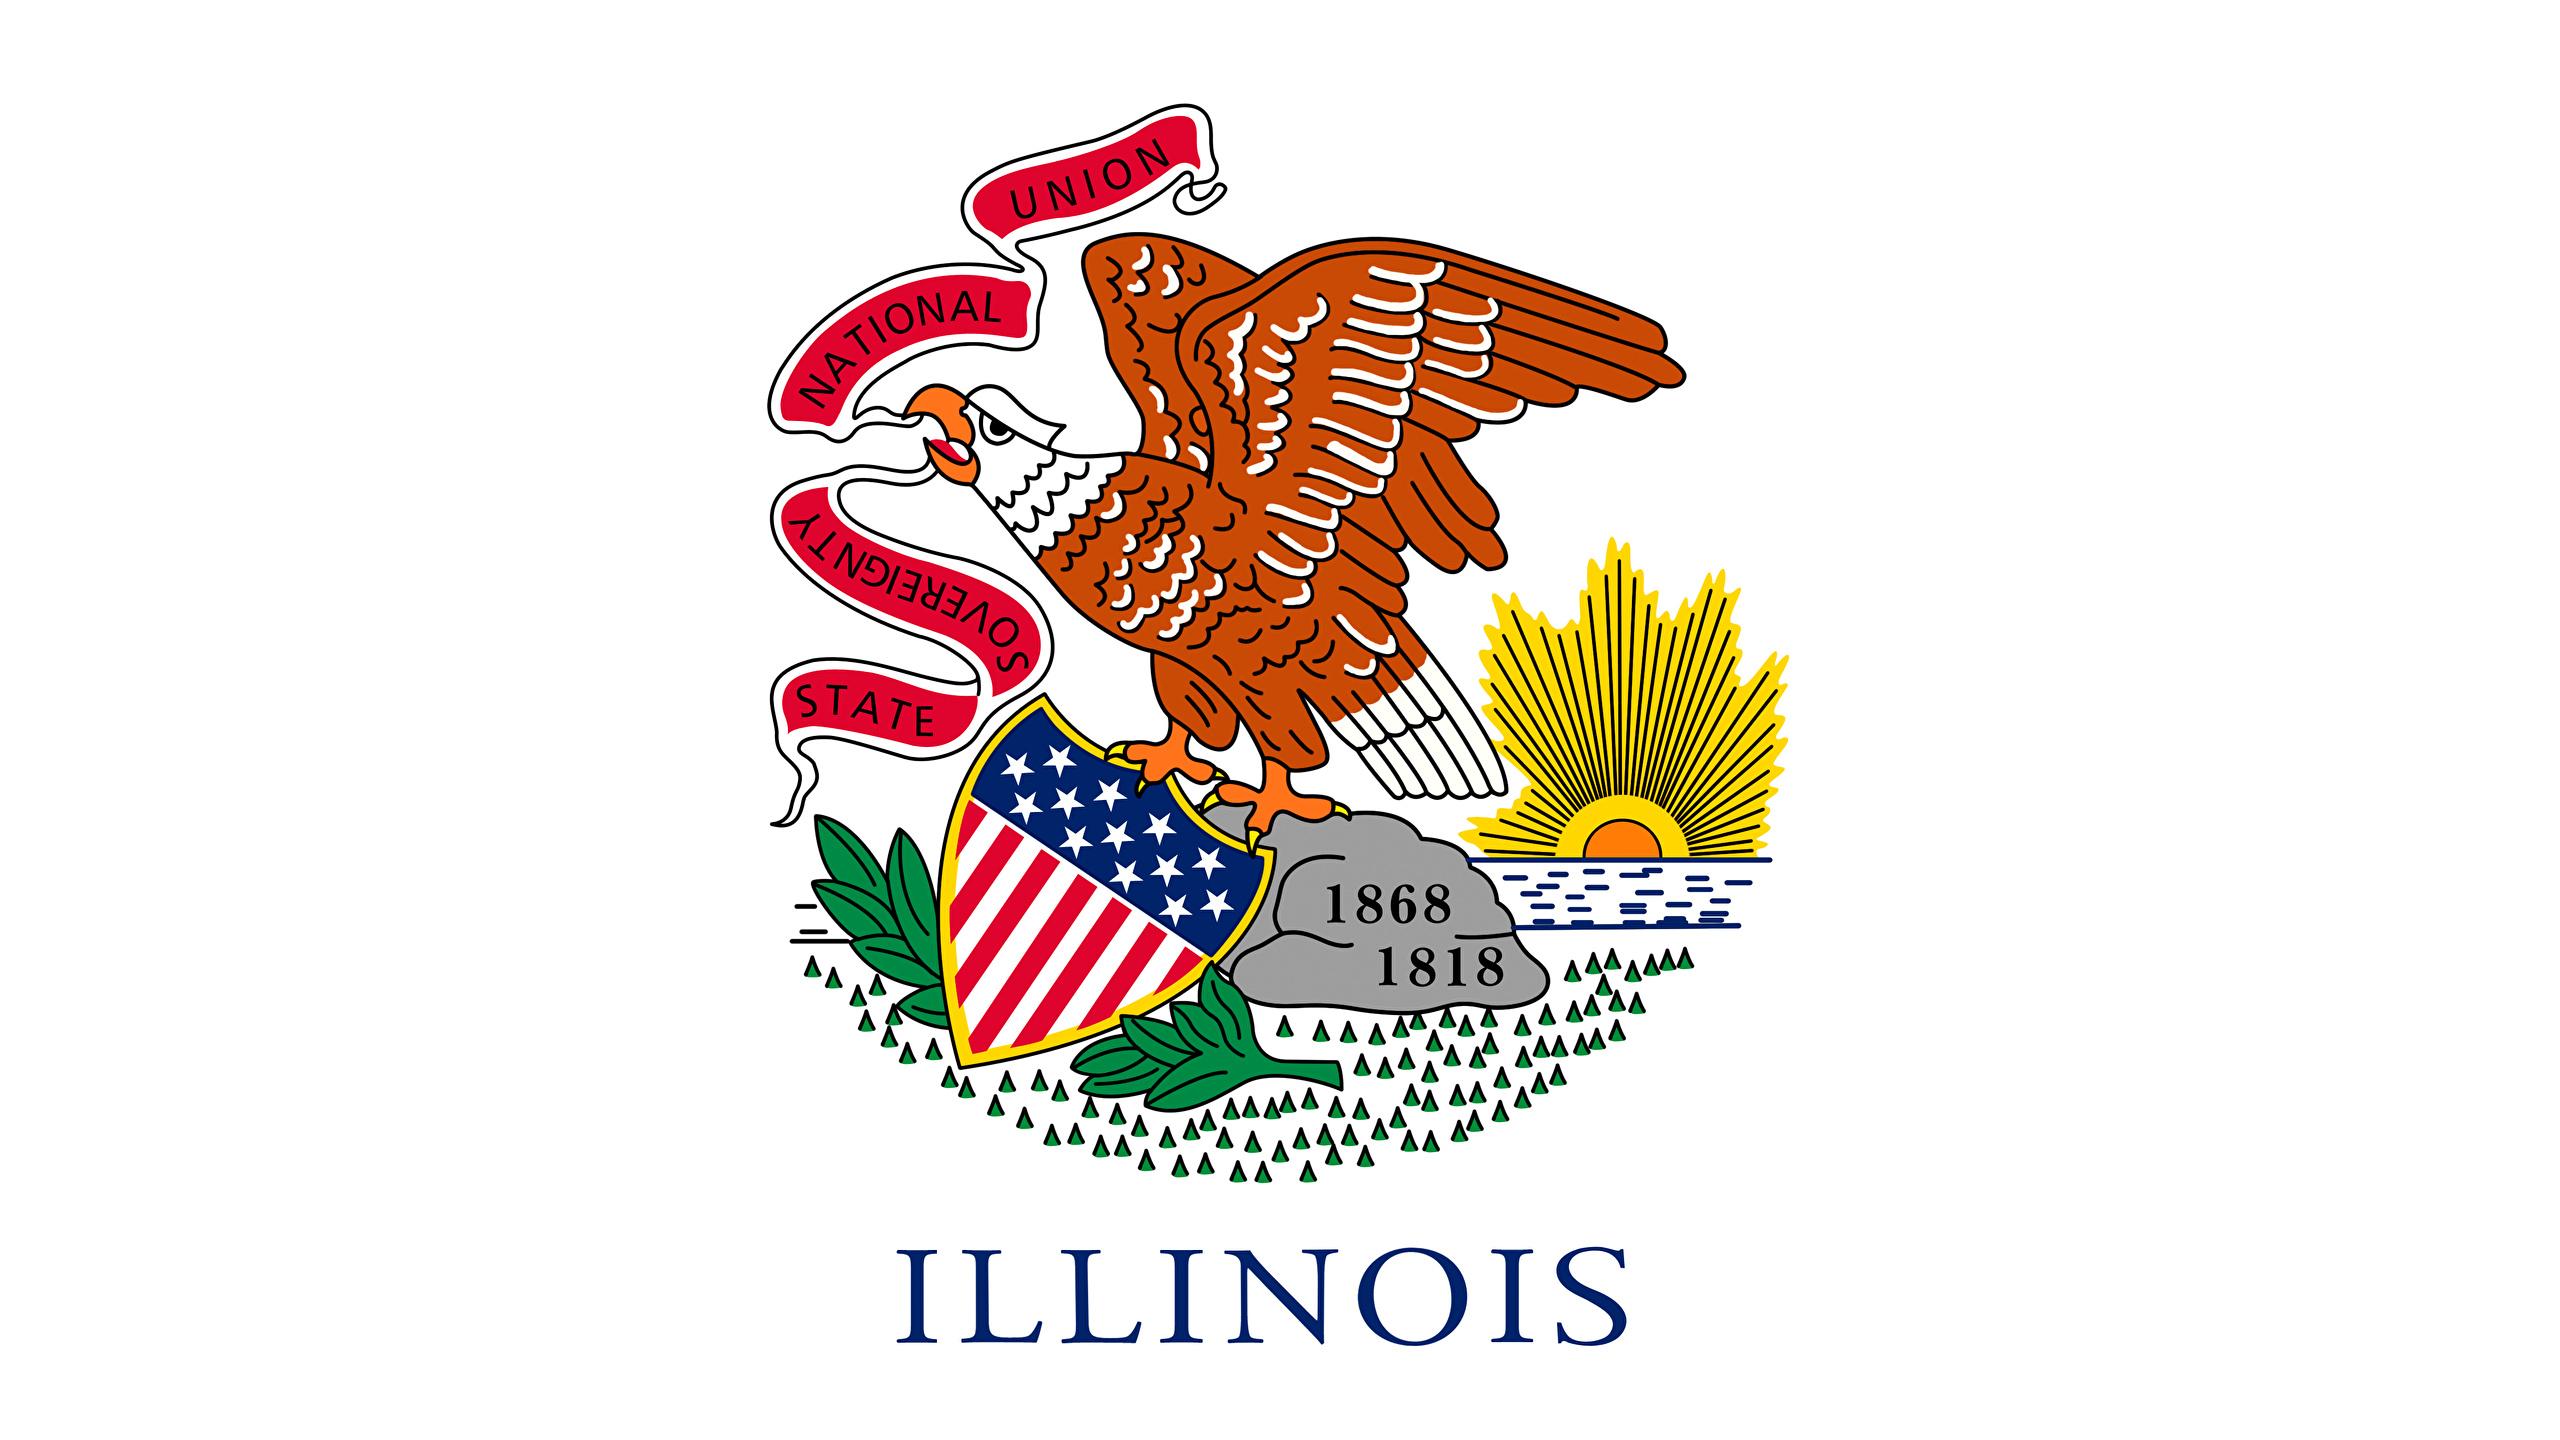 Photos Eagles USA Illinois Flag 2560x1440 2560x1440